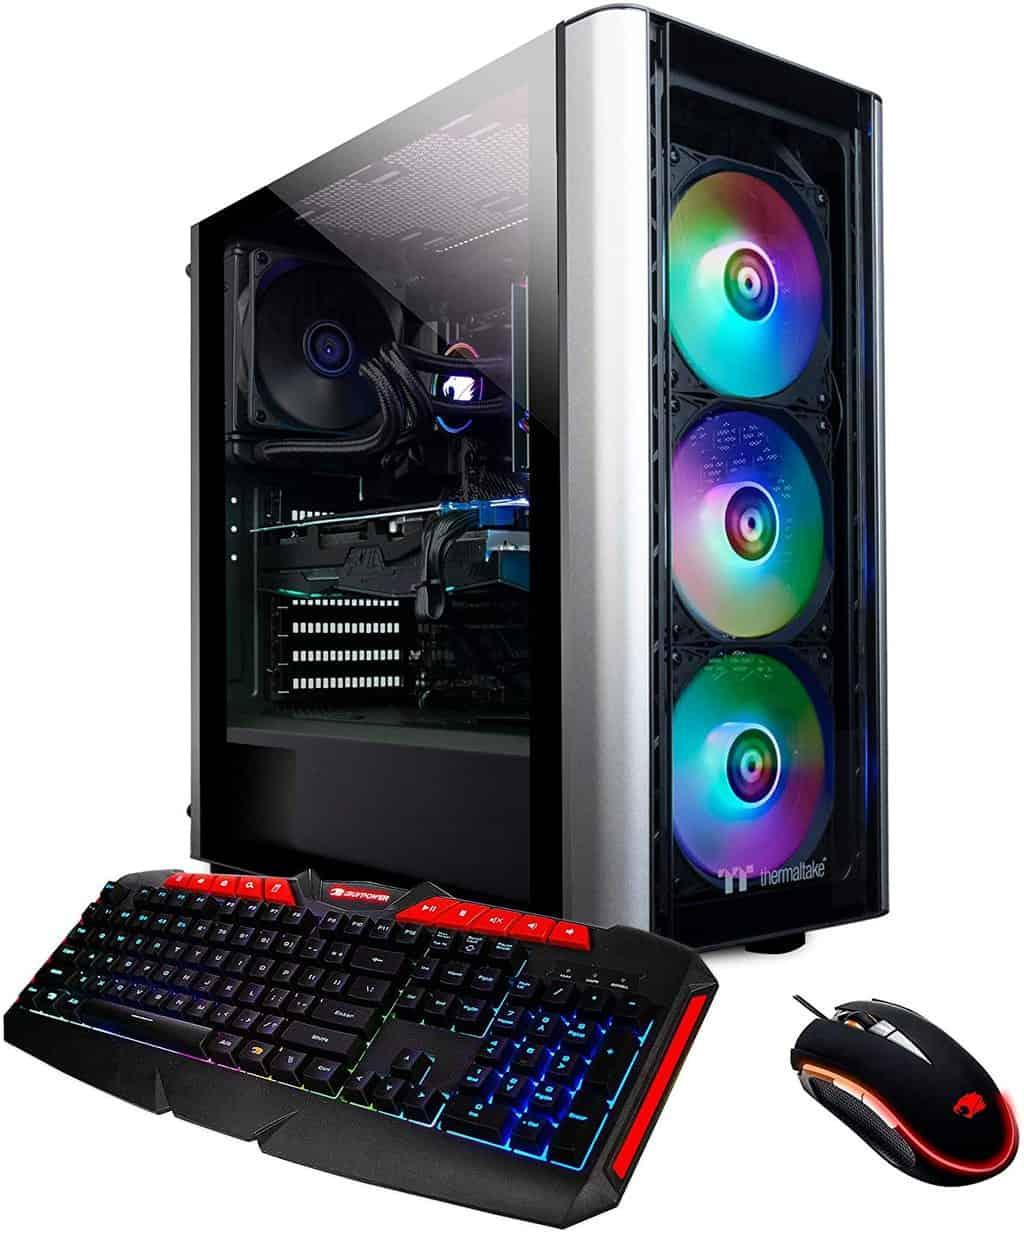 iBUYPOWER Computer Desktop 122A